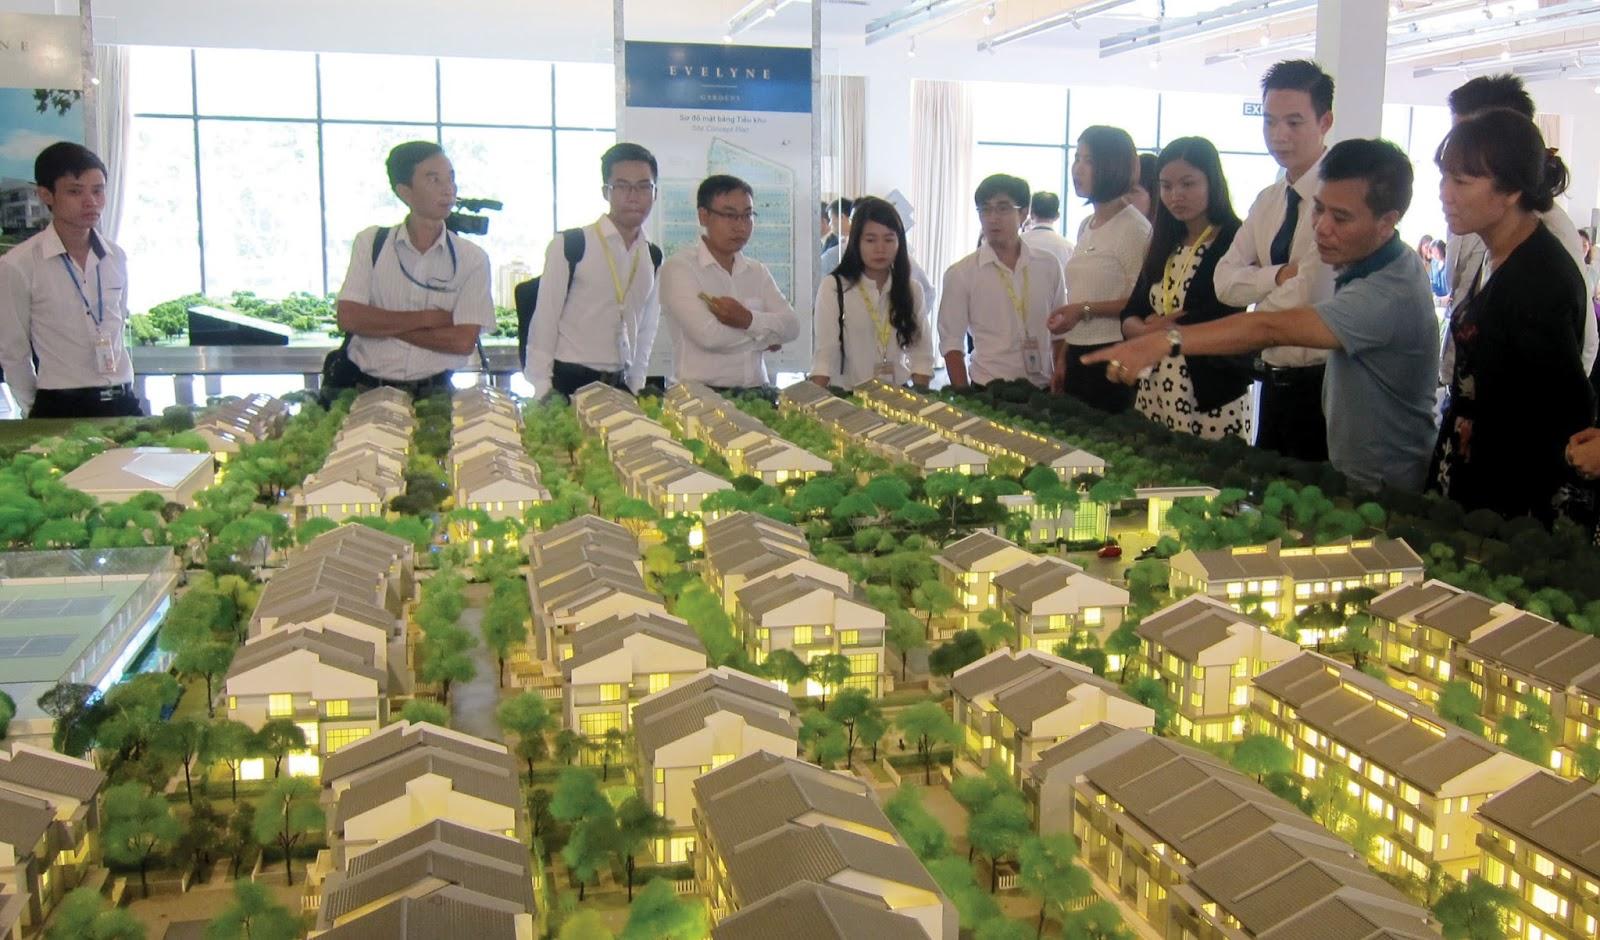 Tham khảo: Quy định của pháp luật về hợp đồng mua bán nhà ở hình thành trong tương lai (Luật năm 2006)